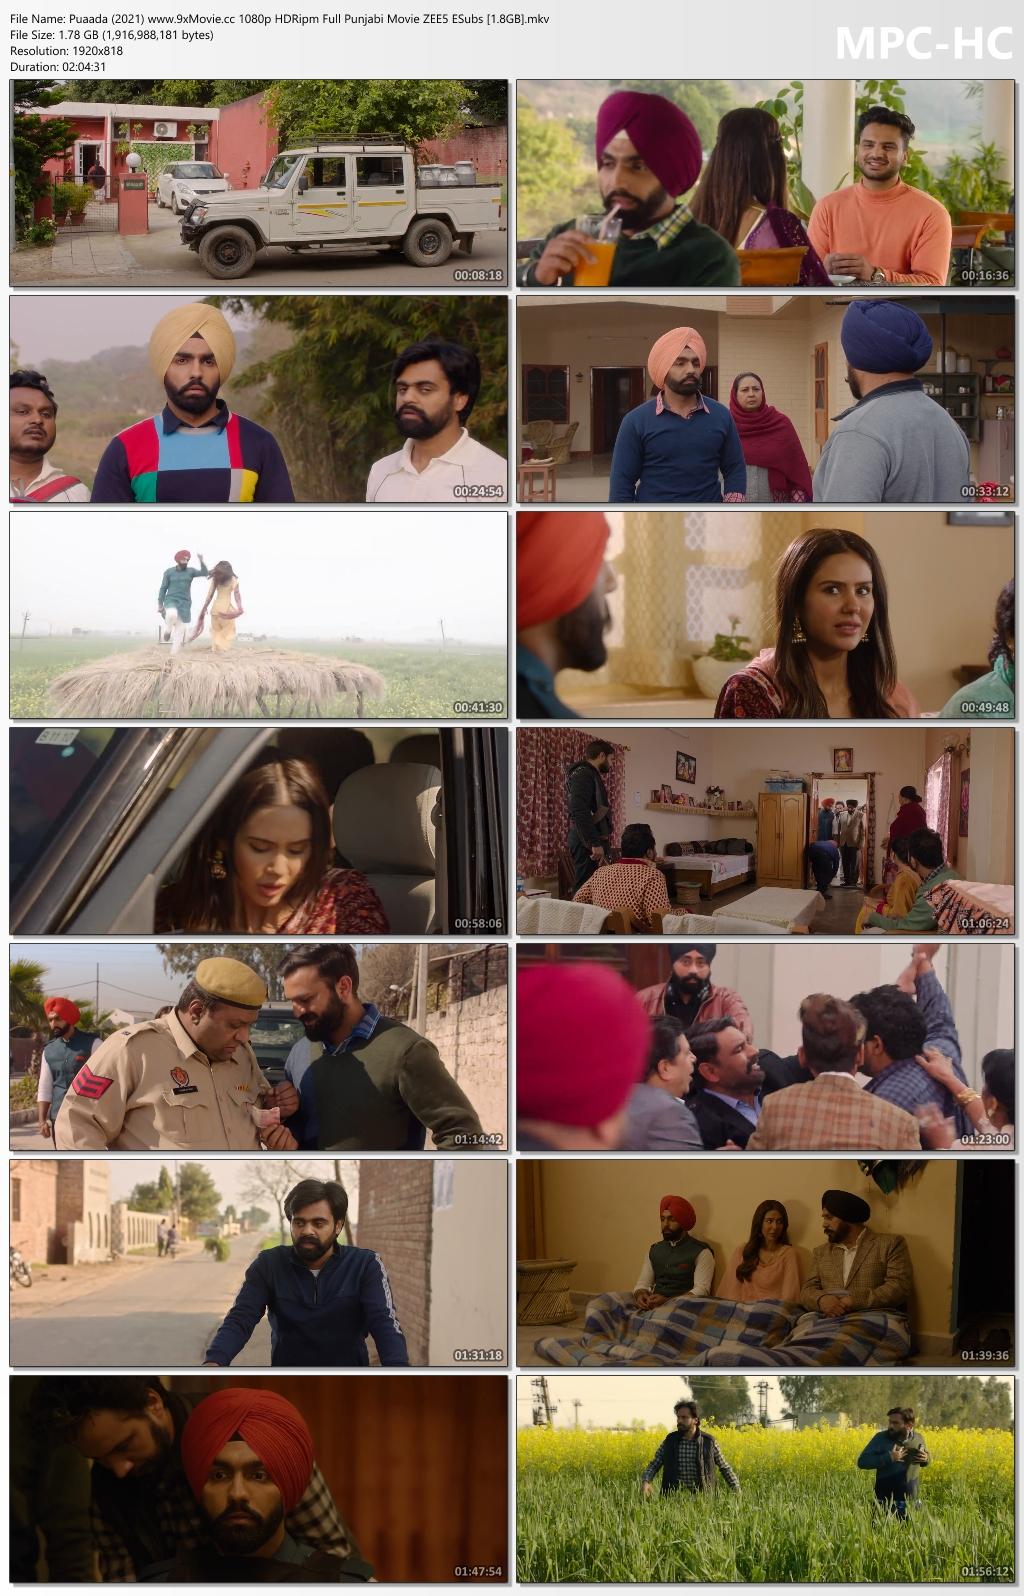 Puaada-2021-www-9x-Movie-cc-1080p-HDRipm-Full-Punjabi-Movie-ZEE5-ESubs-1-8-GB-mkv